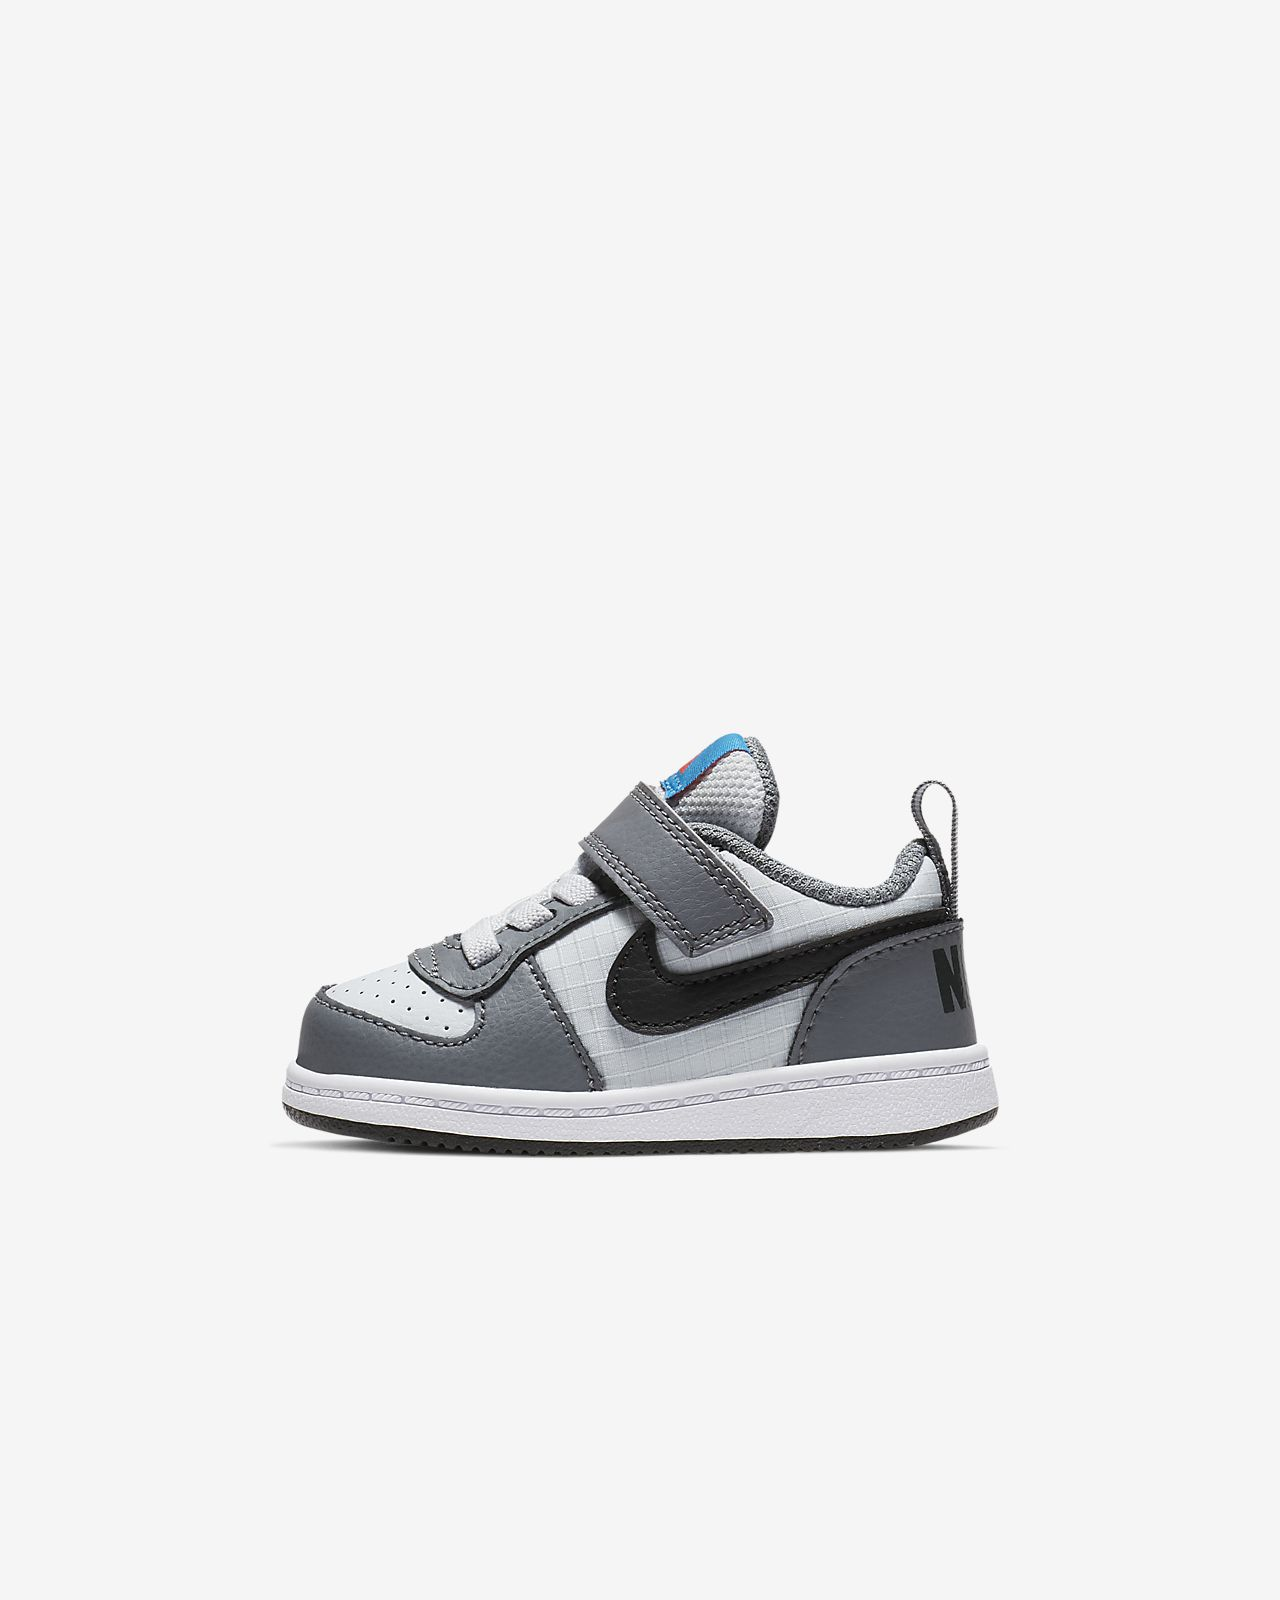 NikeCourt Borough Low Baby & Toddler Shoe